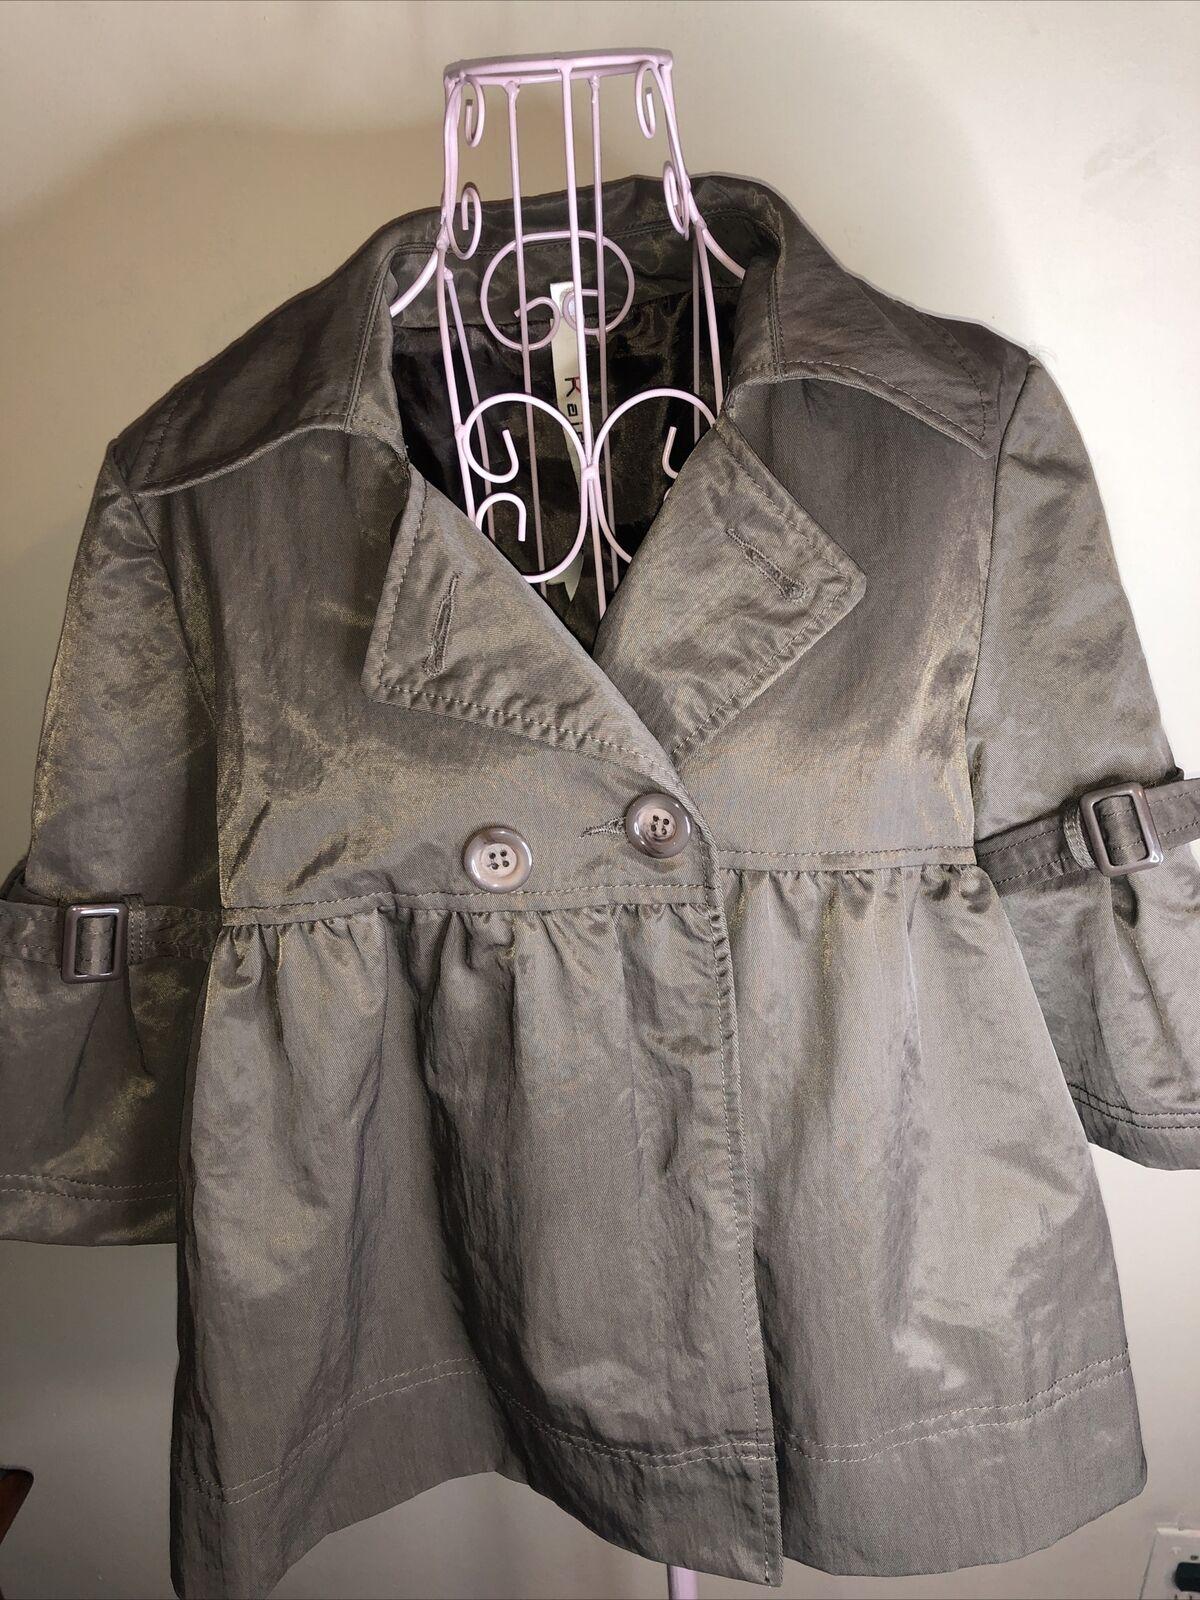 Kaidal French Design Cotton Blend Lg Jacket Workw… - image 1